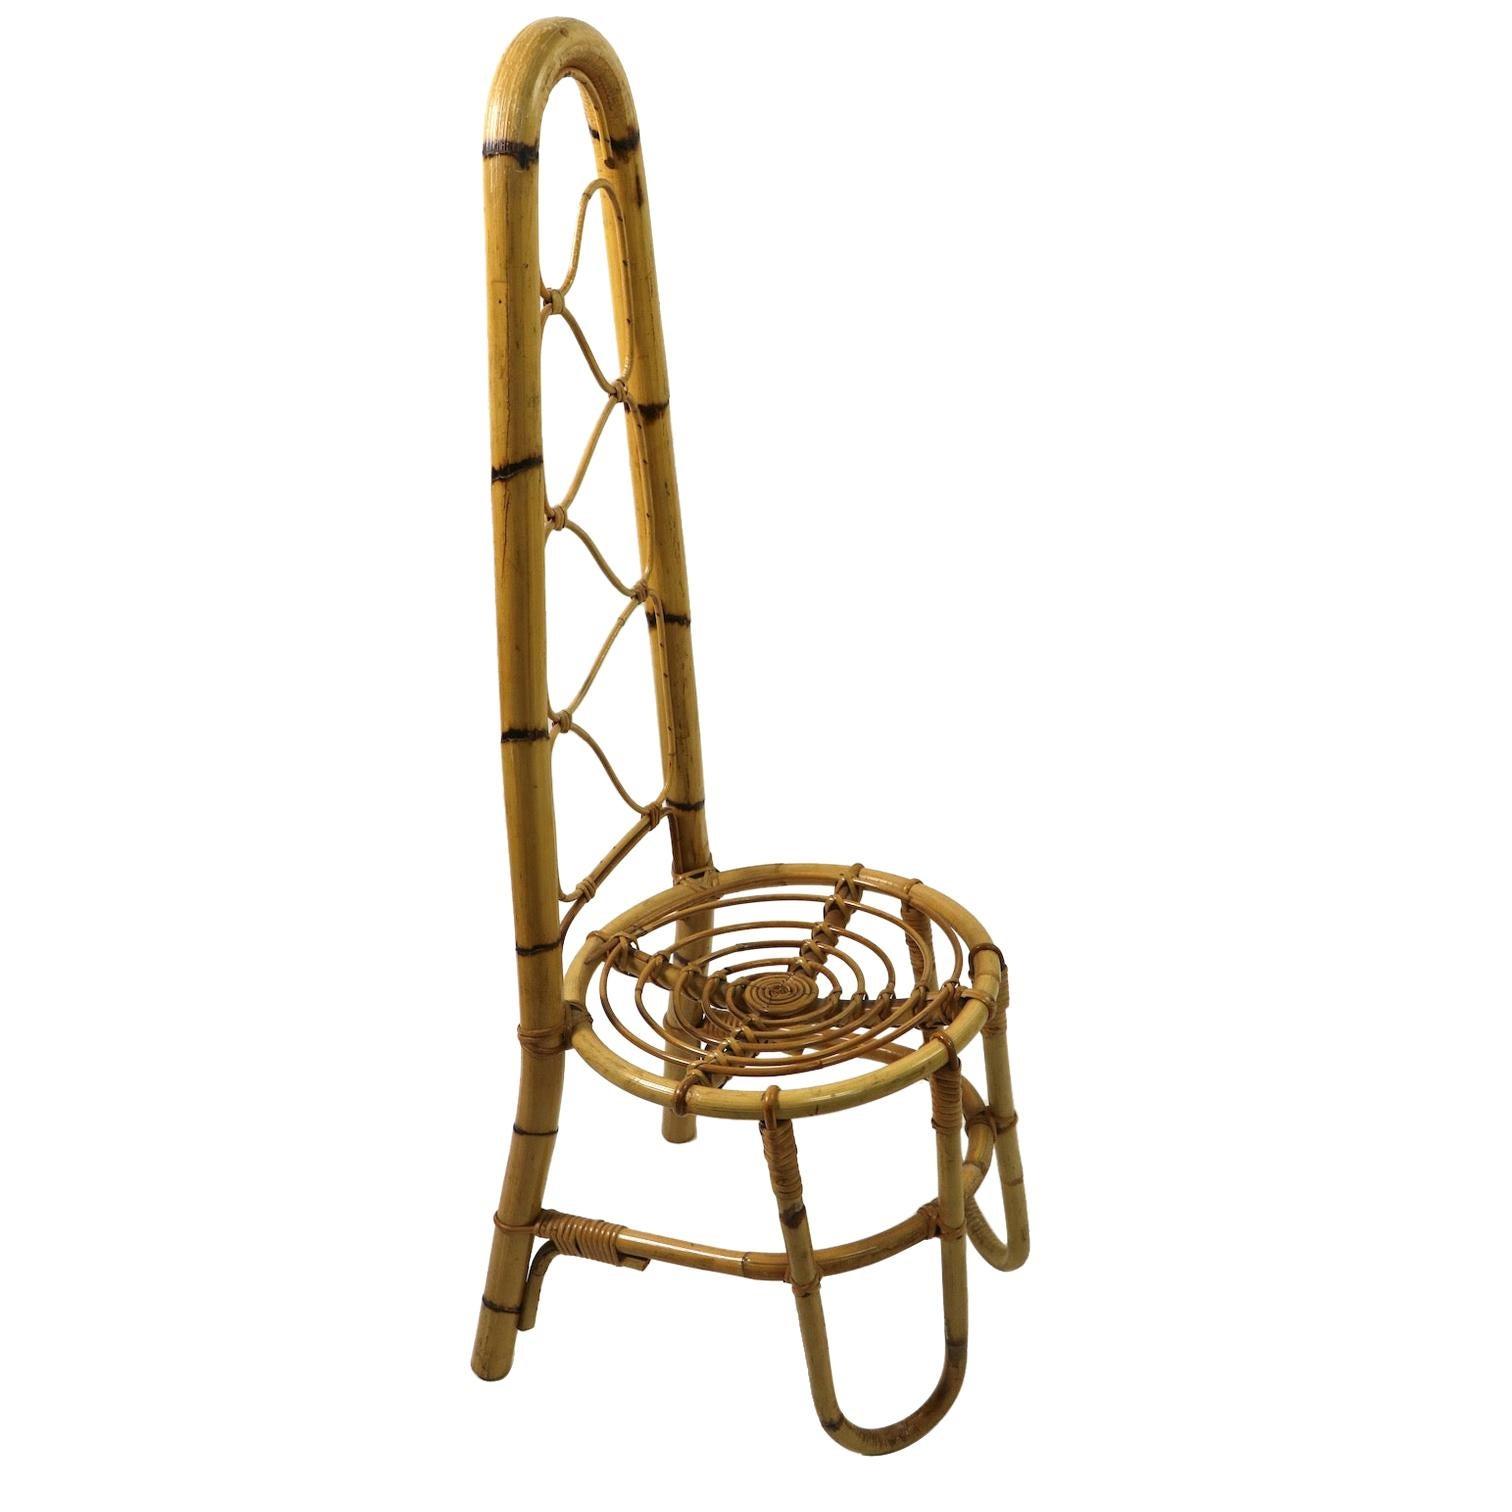 High Back Bamboo Chair Attributed to Dirk Van Sliedregt Rohde Noordwolde